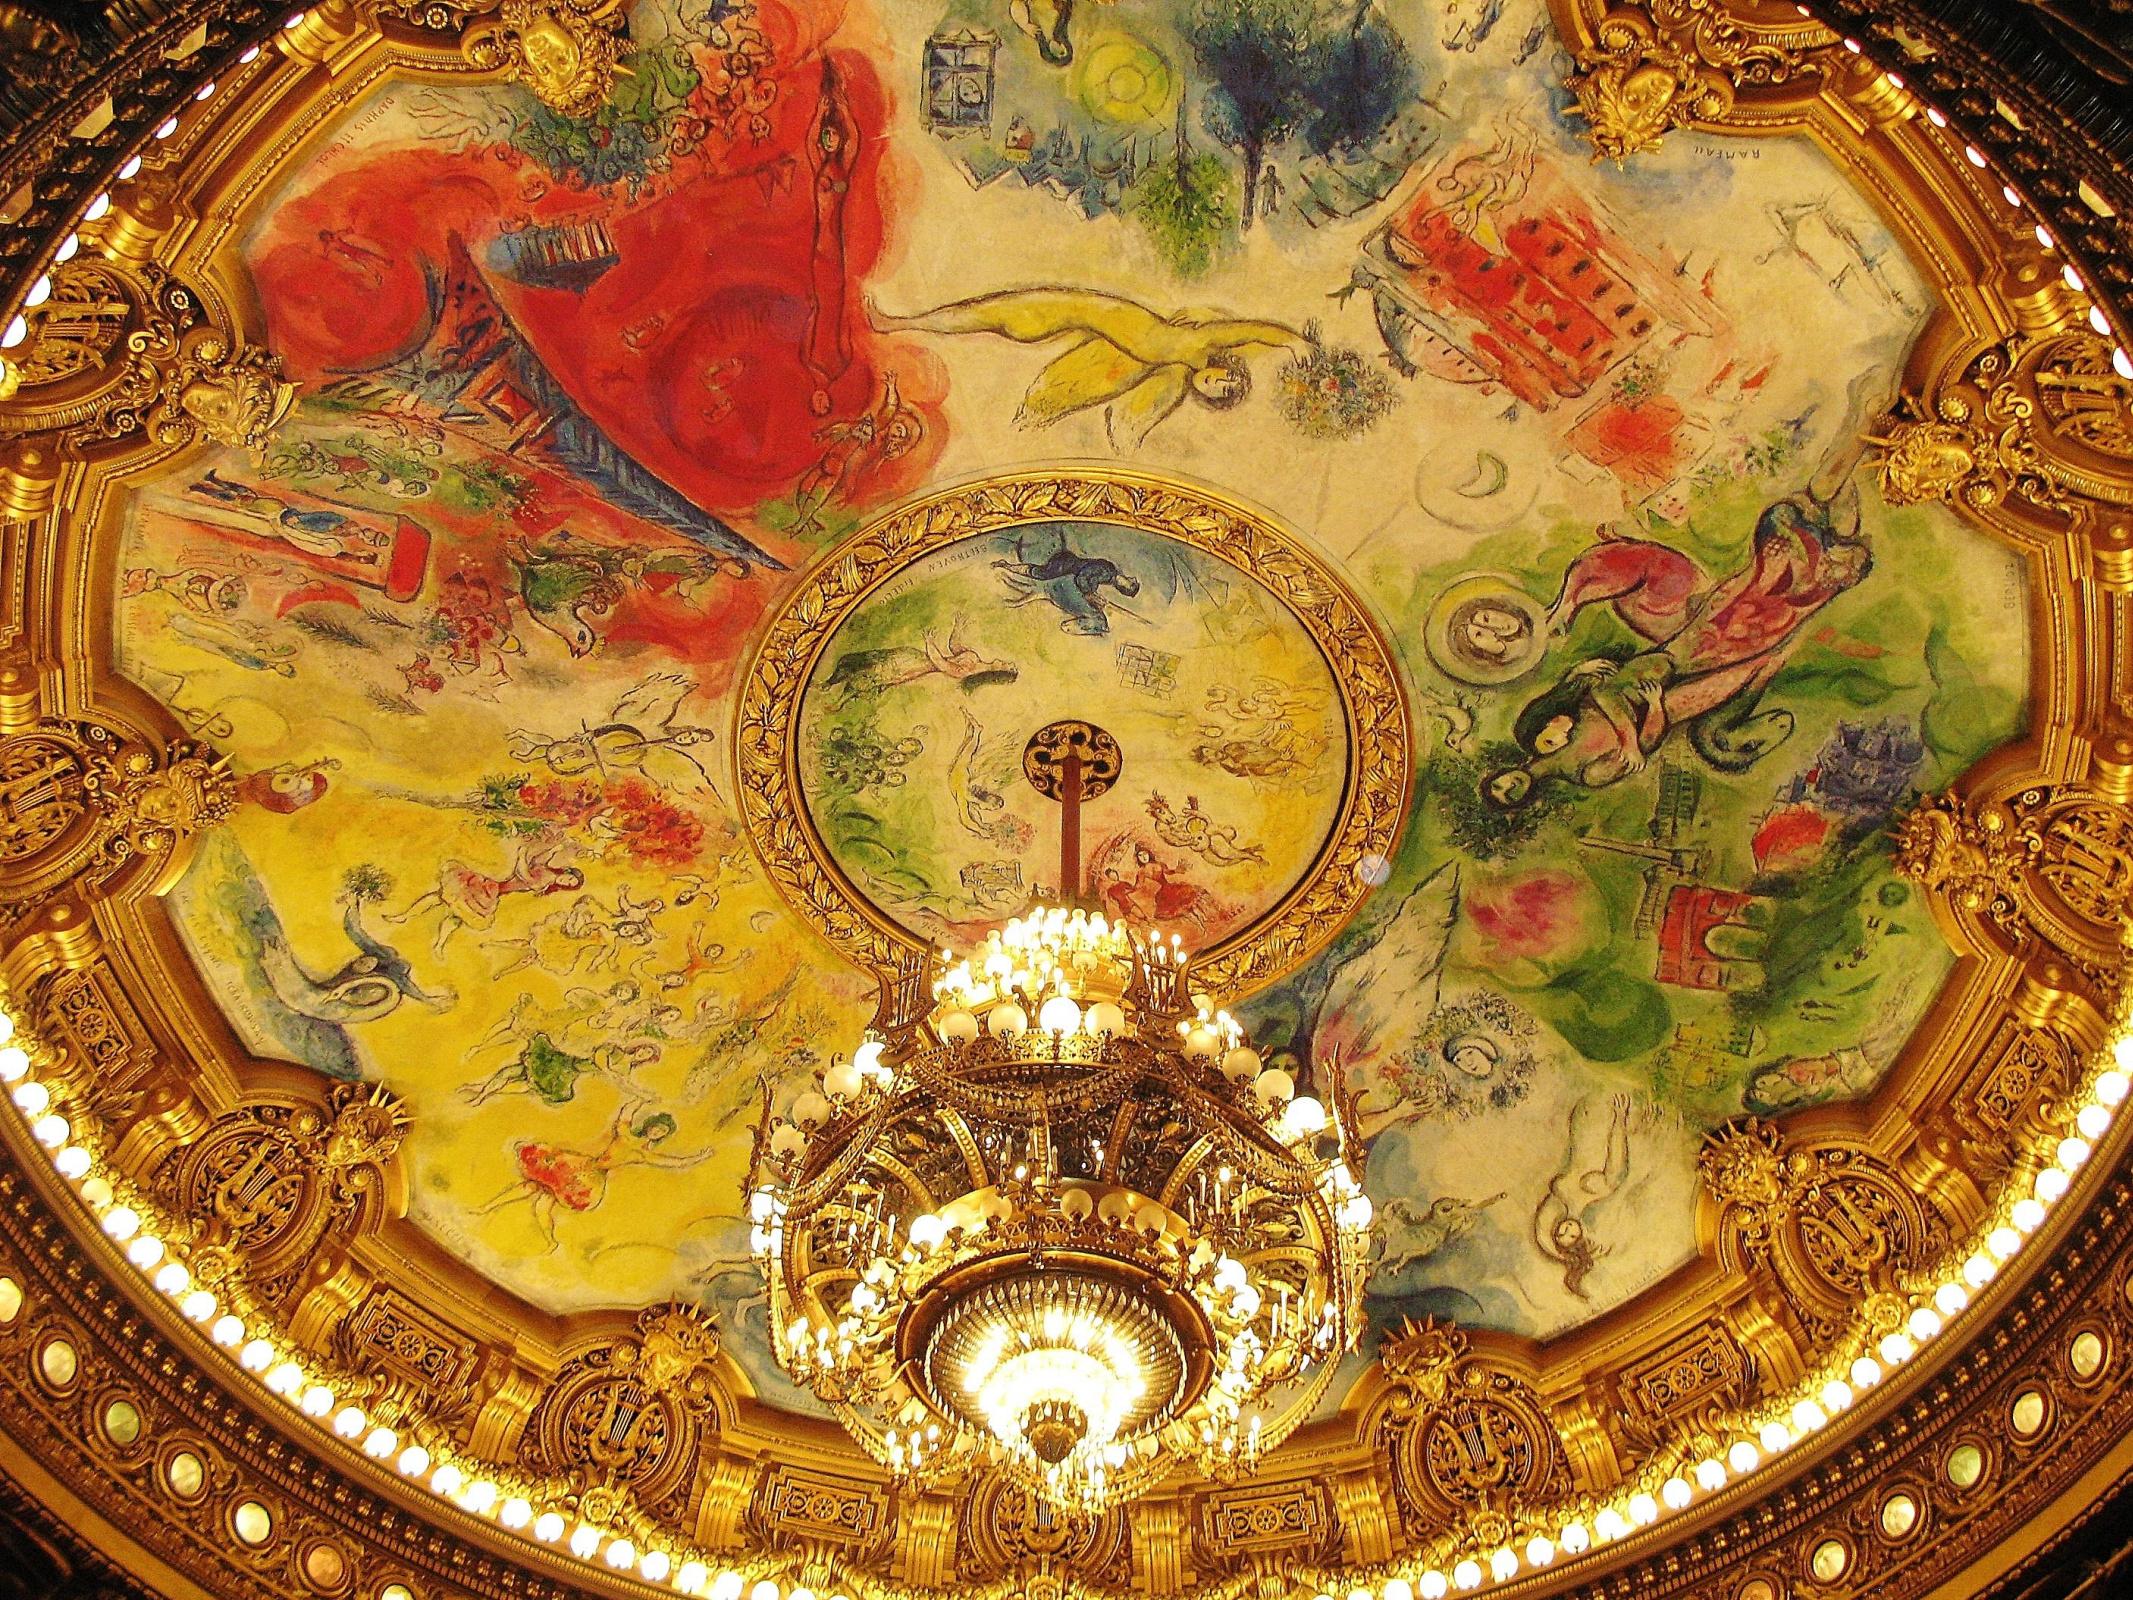 Марк Захарович Шагал. Роспись потолочного плафона Парижской оперы